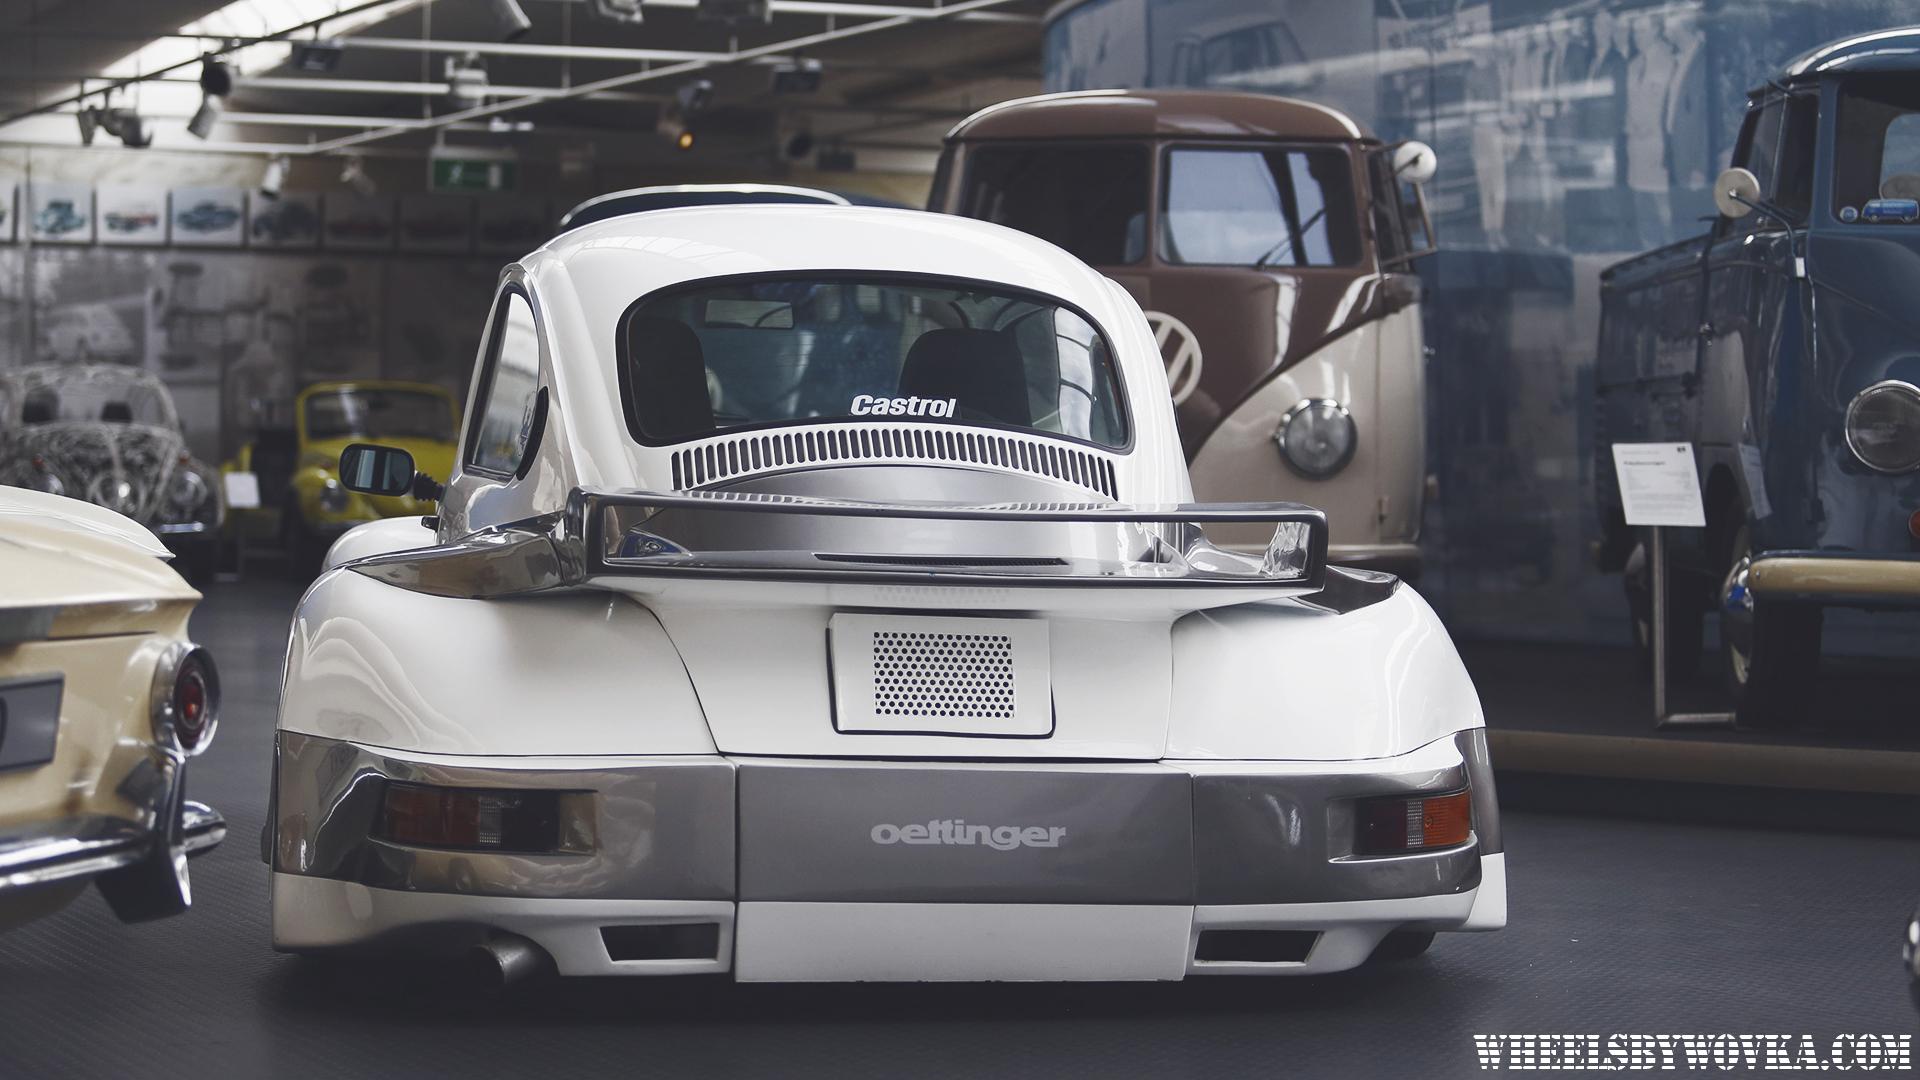 vw-volkswagen-beetle-1303-oettinger-widebody-10